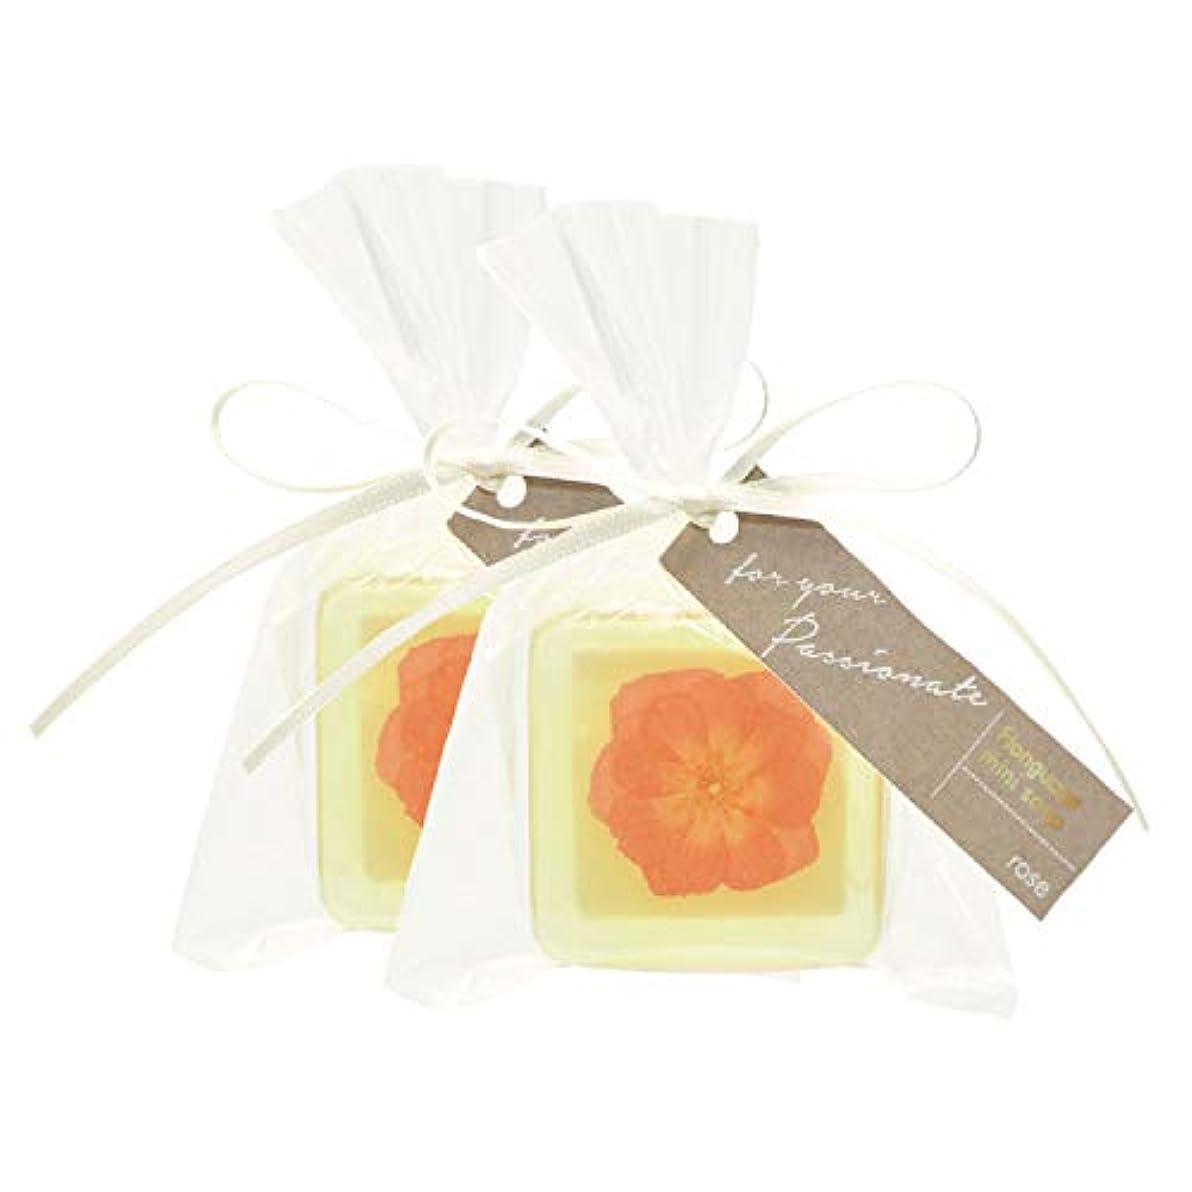 どれか試用エラーノルコーポレーション 石けん フランゲージ ミニソープ 2個セット 柑橘の香り OB-FMS-1-2